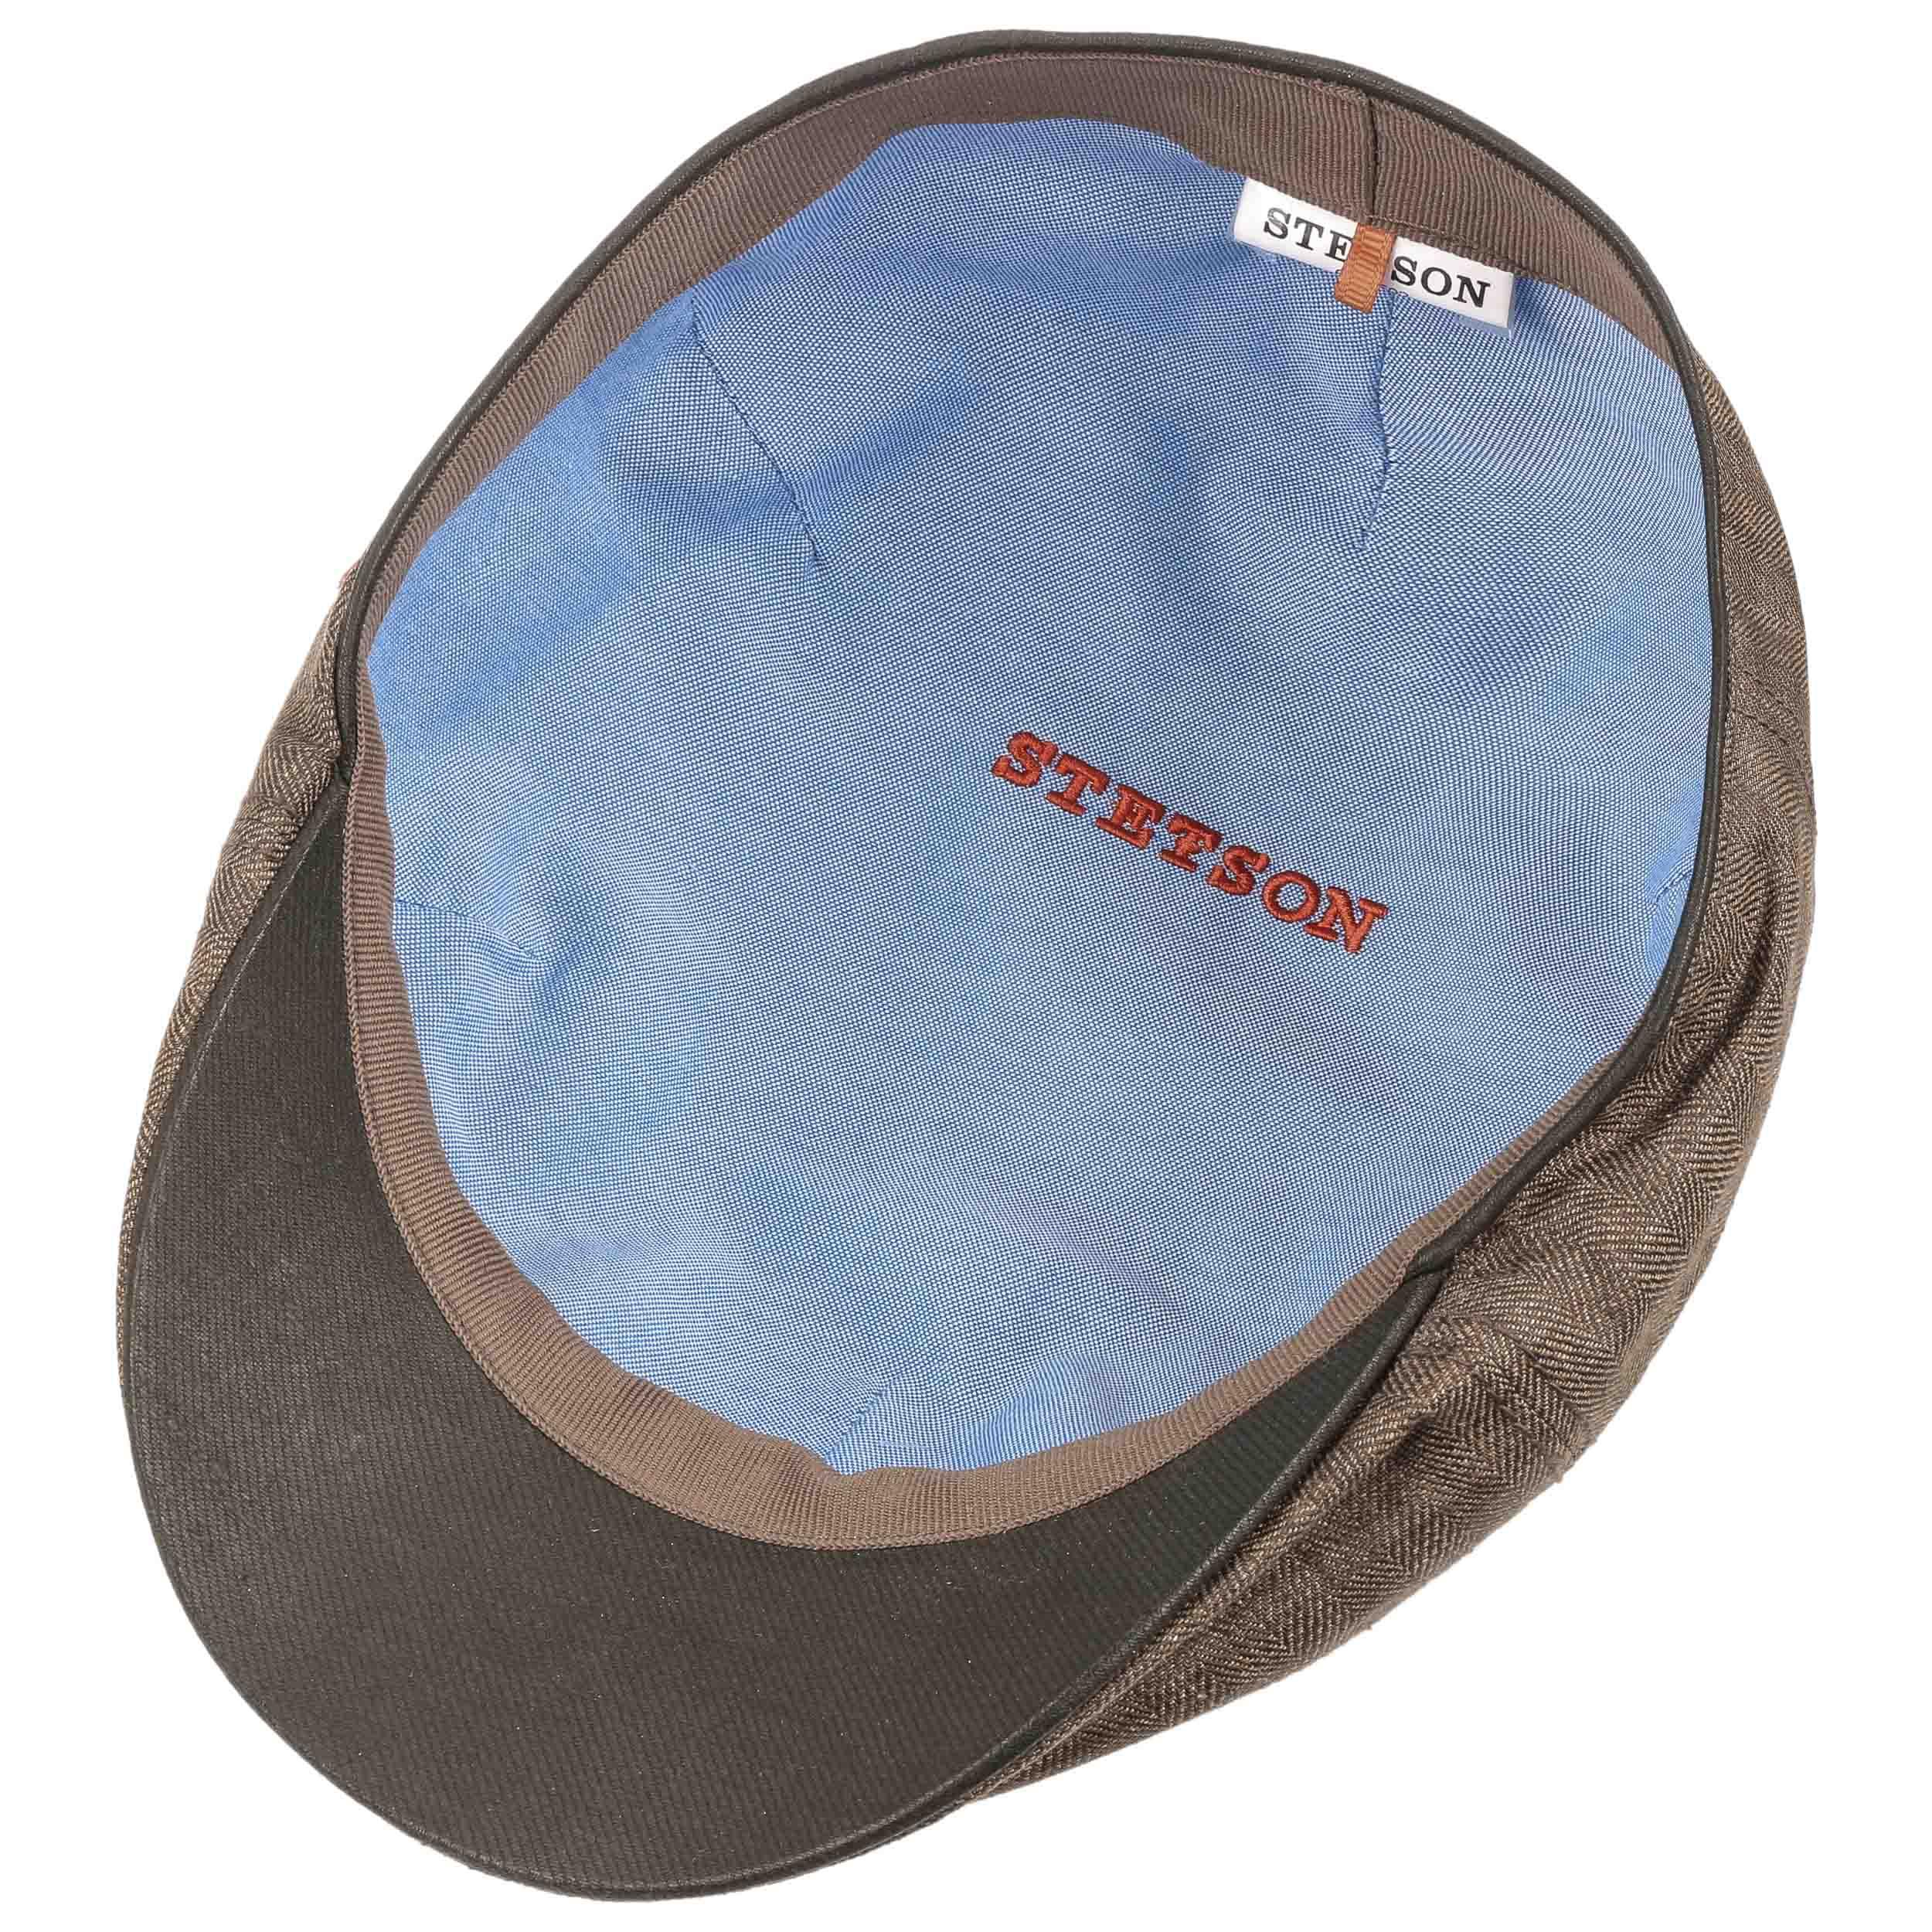 e76a36d02526f ... Texas Coated Linen Flat Cap by Stetson - brown 2 ...